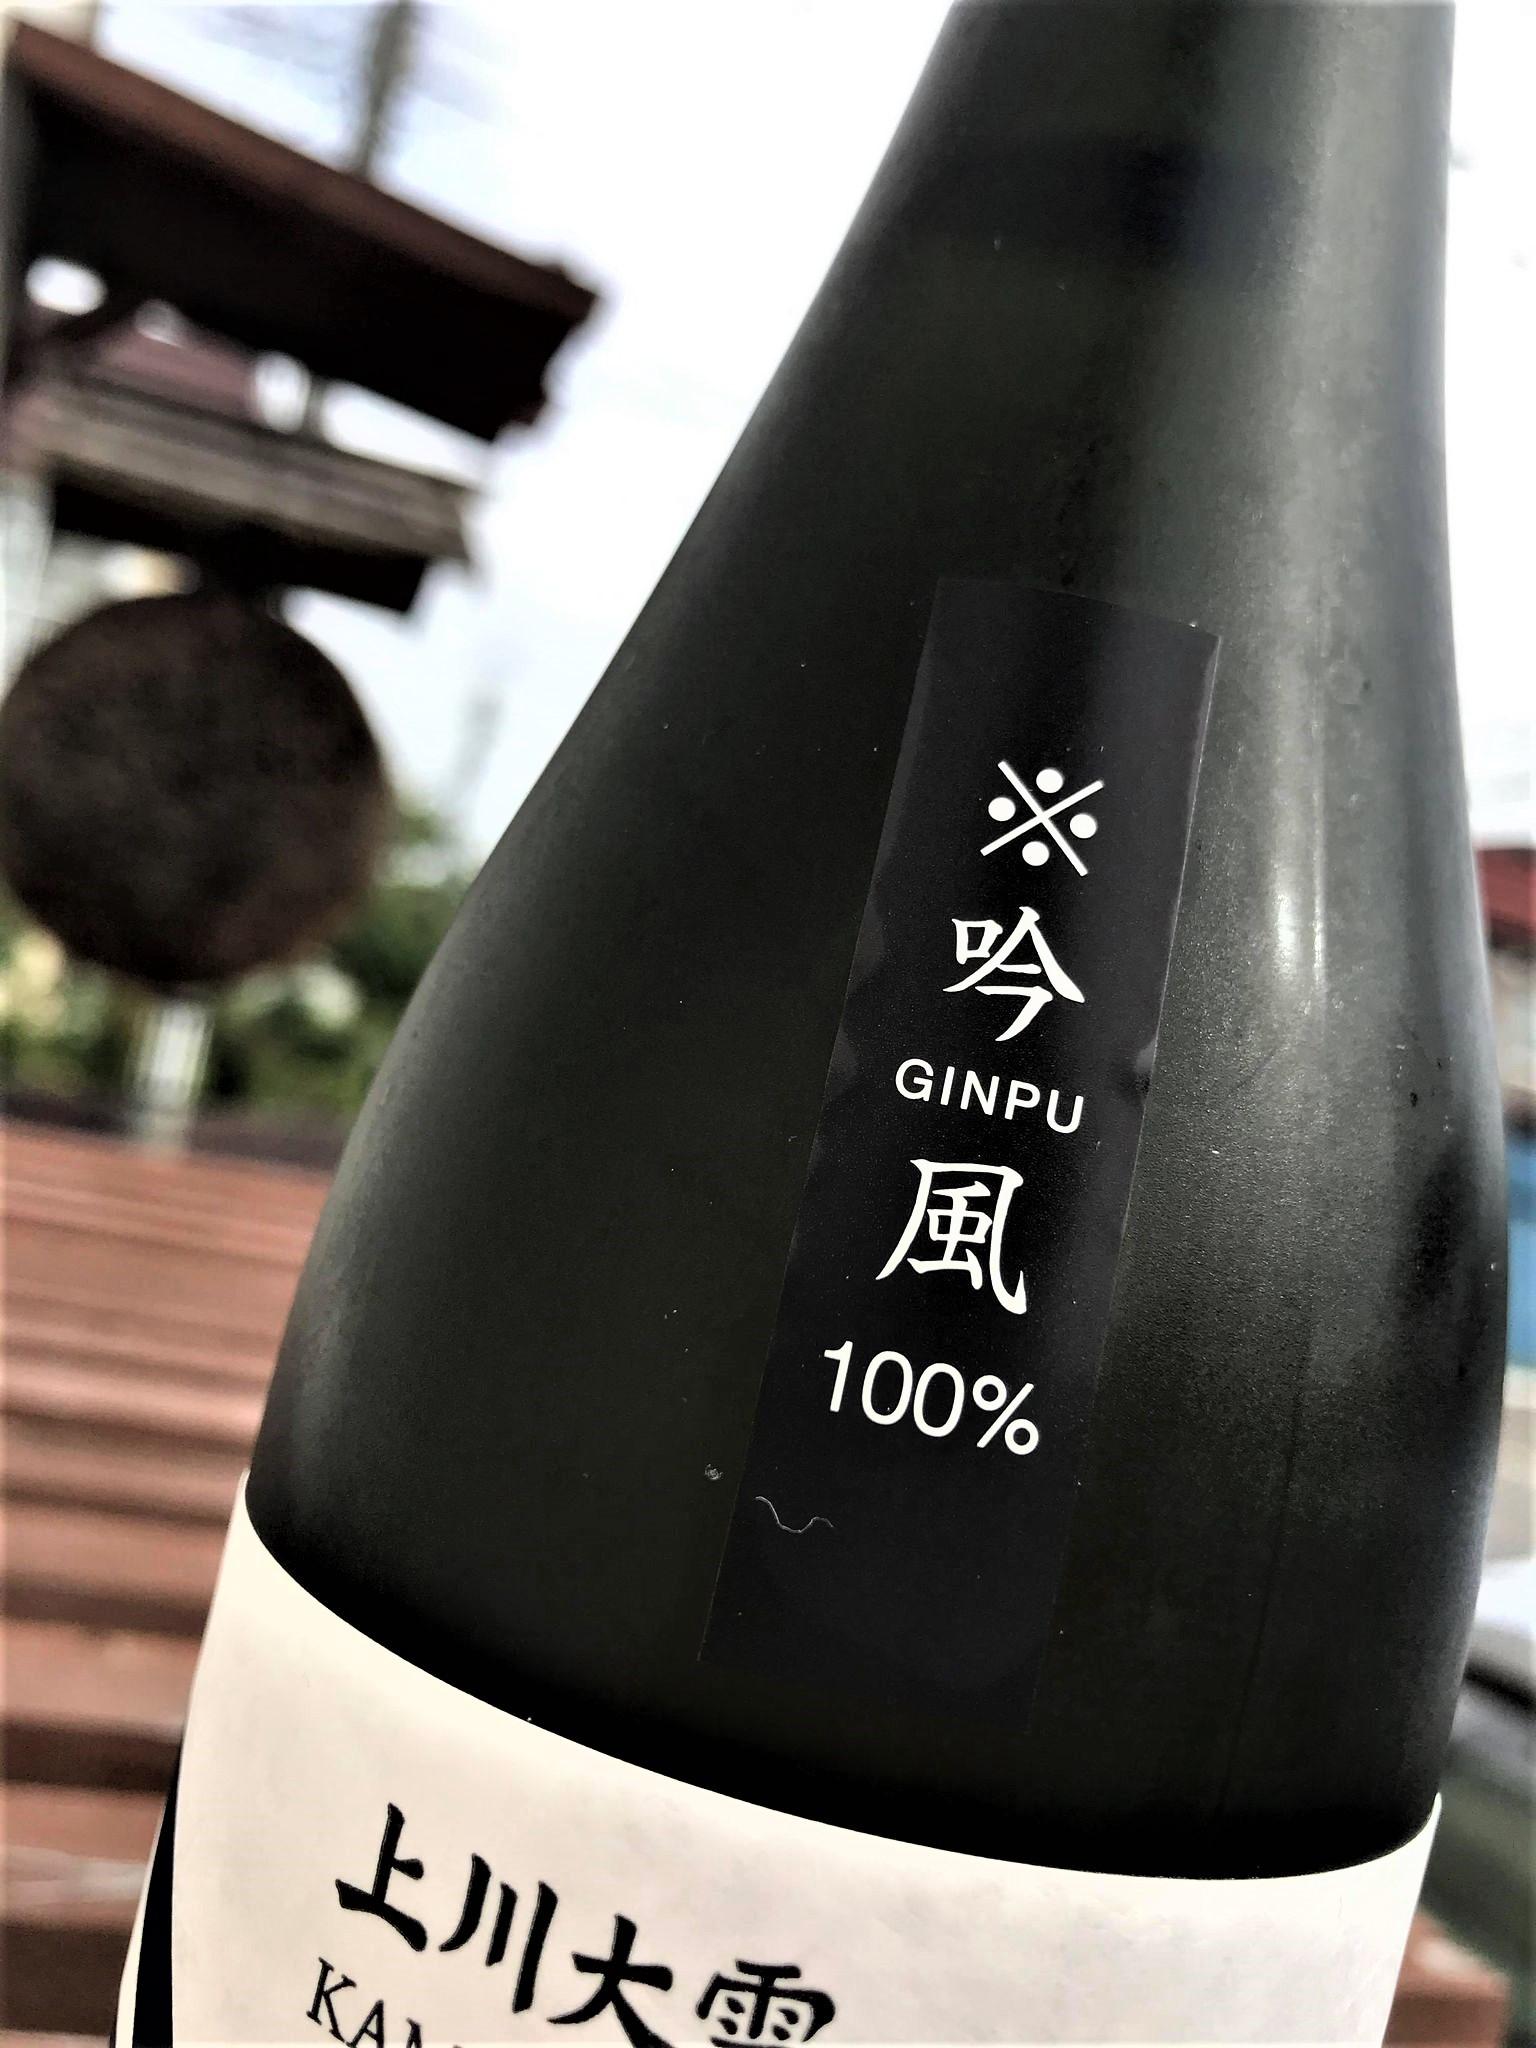 【日本酒】上川大雪⭐特別編『山廃酛』特別純米酒 吟風🌾仕込 蔵元低温貯蔵熟成🐧SPver 特別限定蔵出し 令和1BY🆕_e0173738_10341496.jpg